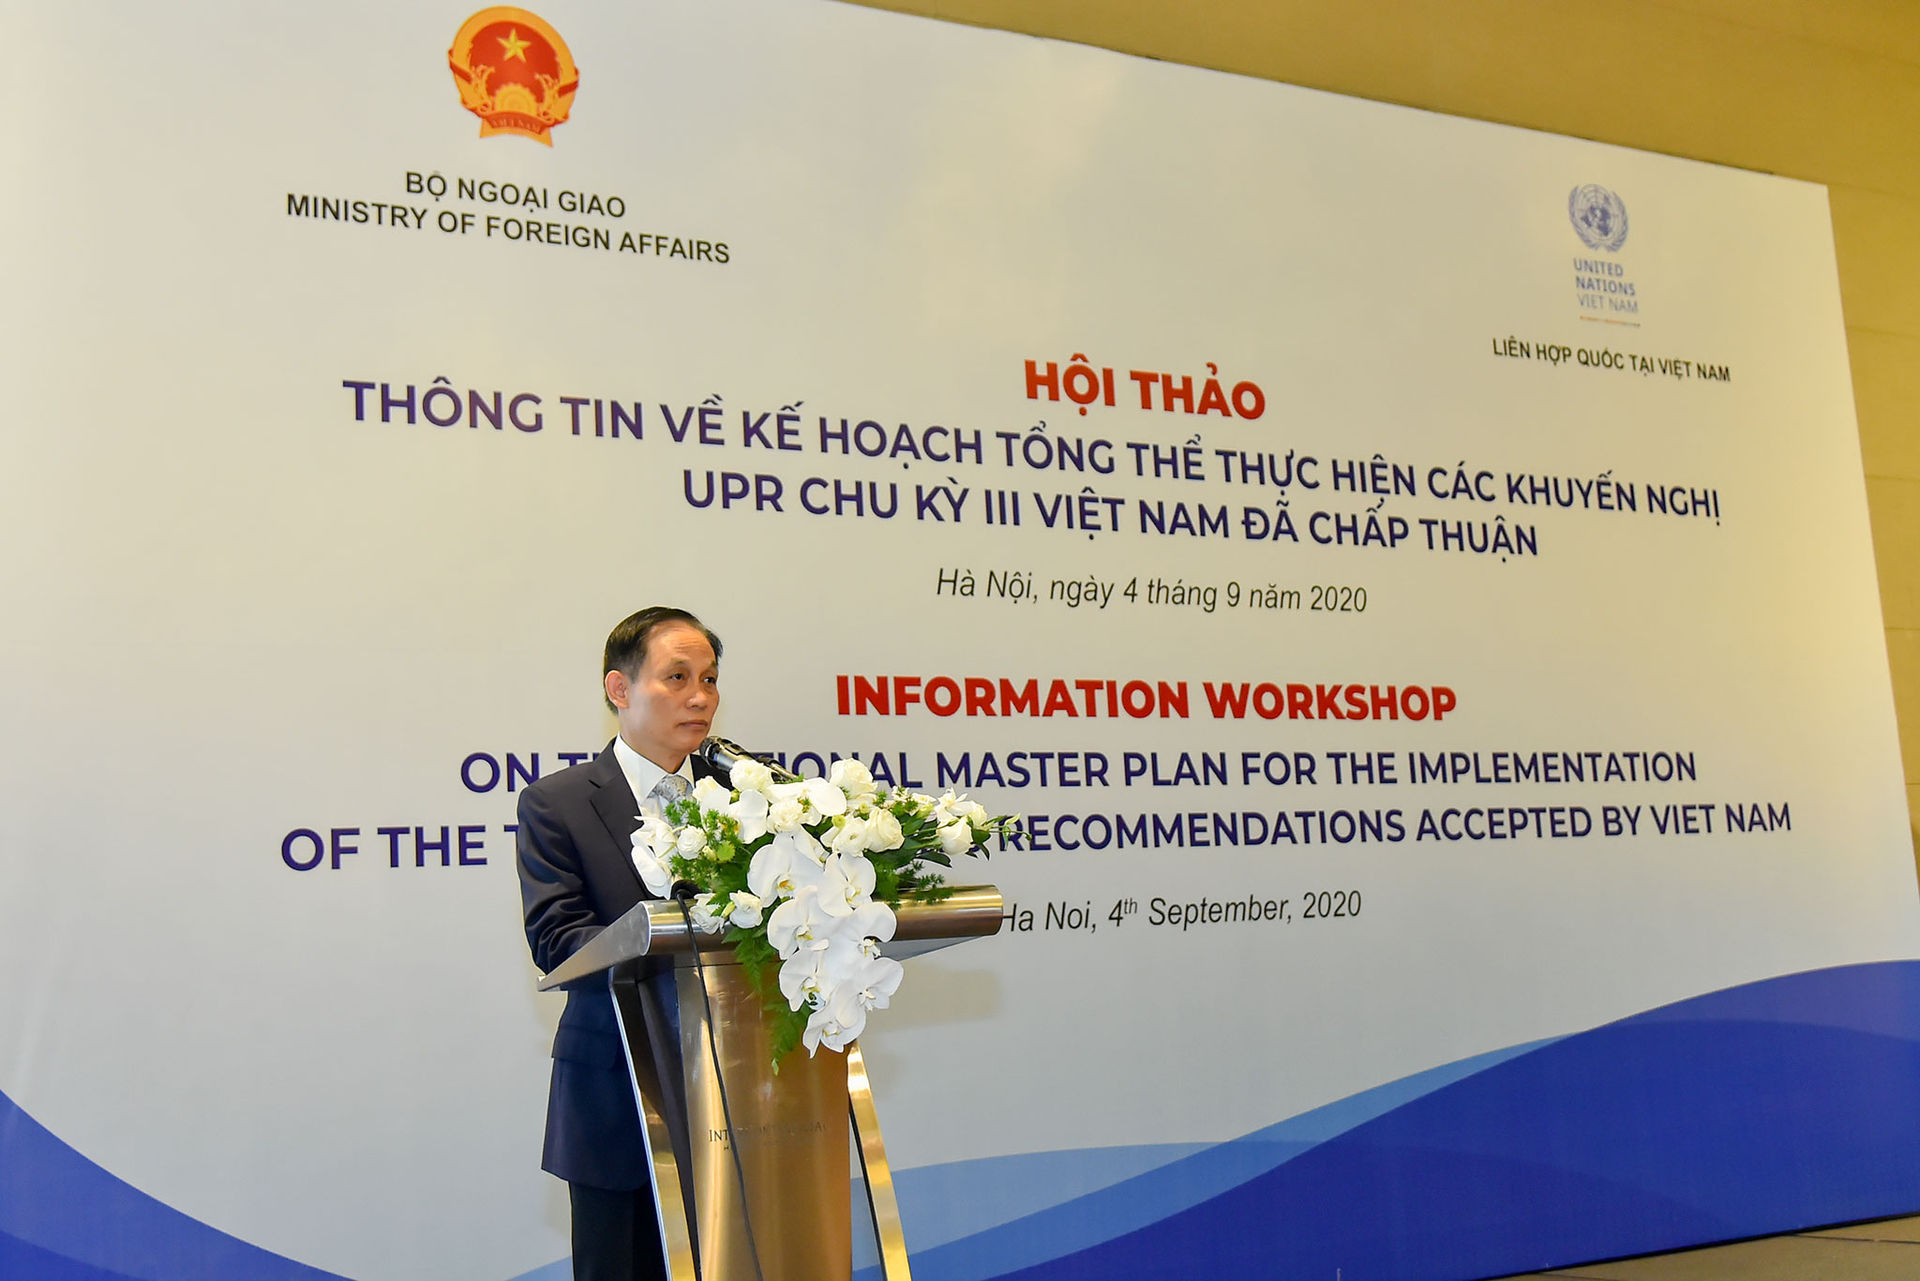 Việt Nam coi trọng, tham gia đầy đủ, nghiêm túc cơ chế UPR